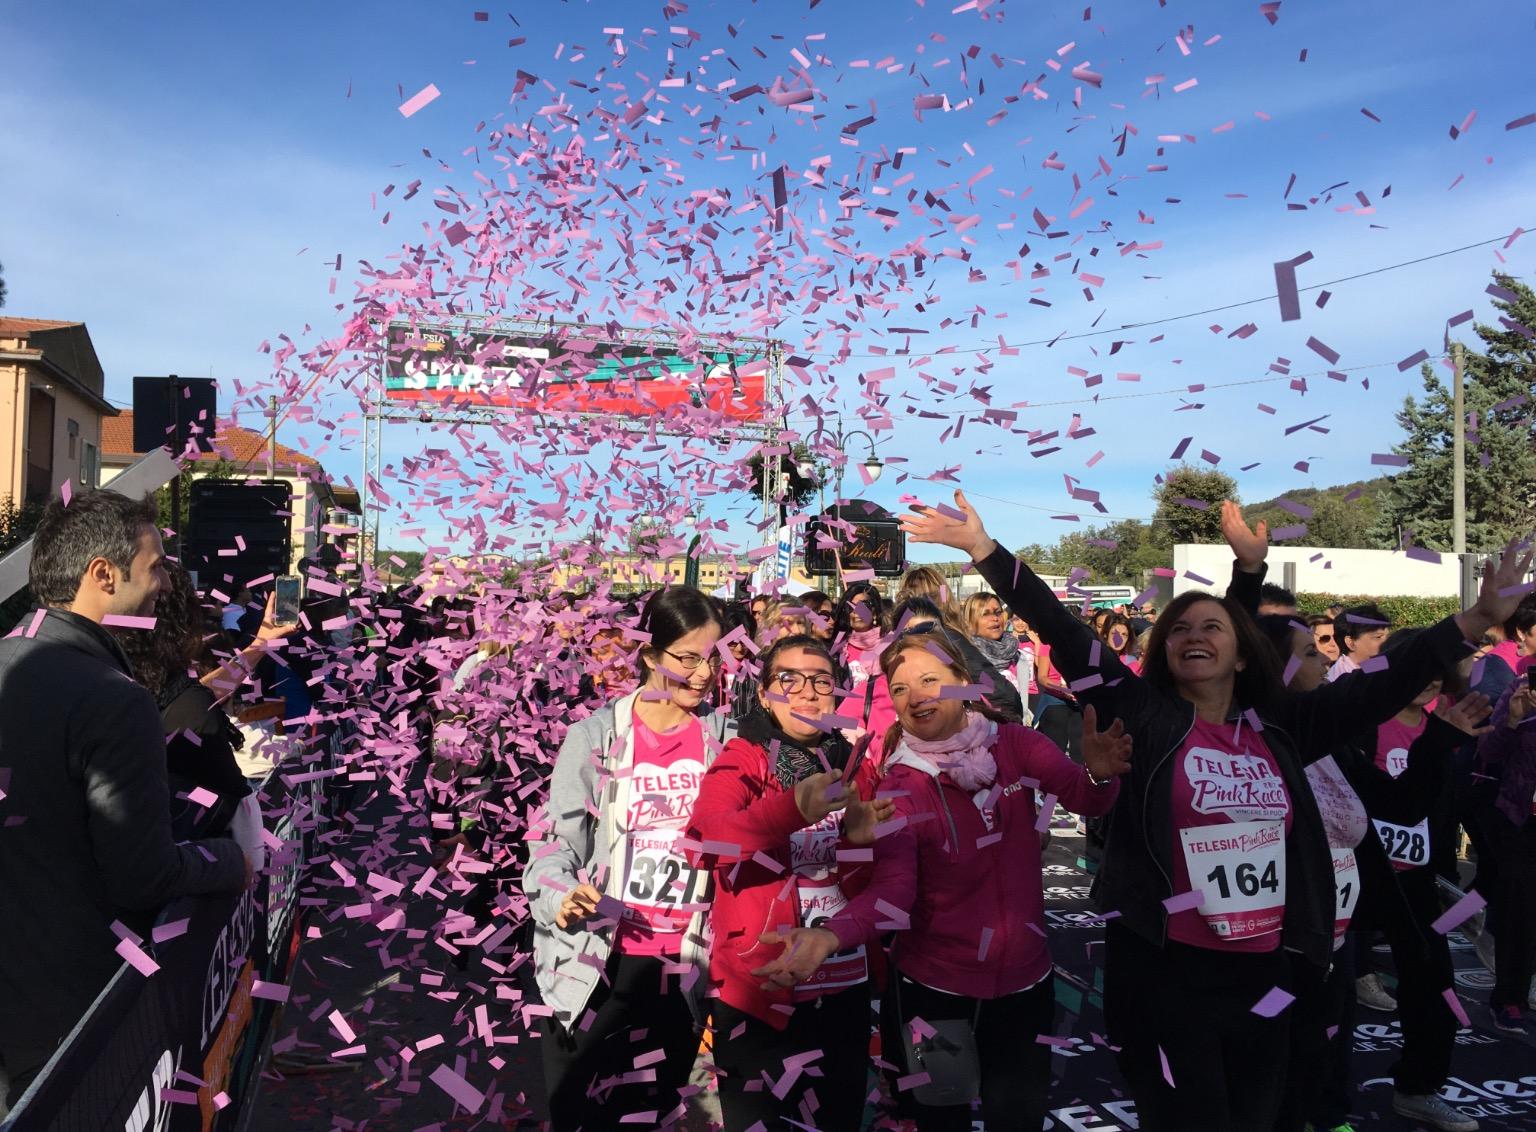 Telesia Half Marathon, con iscrizioni ancora aperte superati i 2500 partecipanti